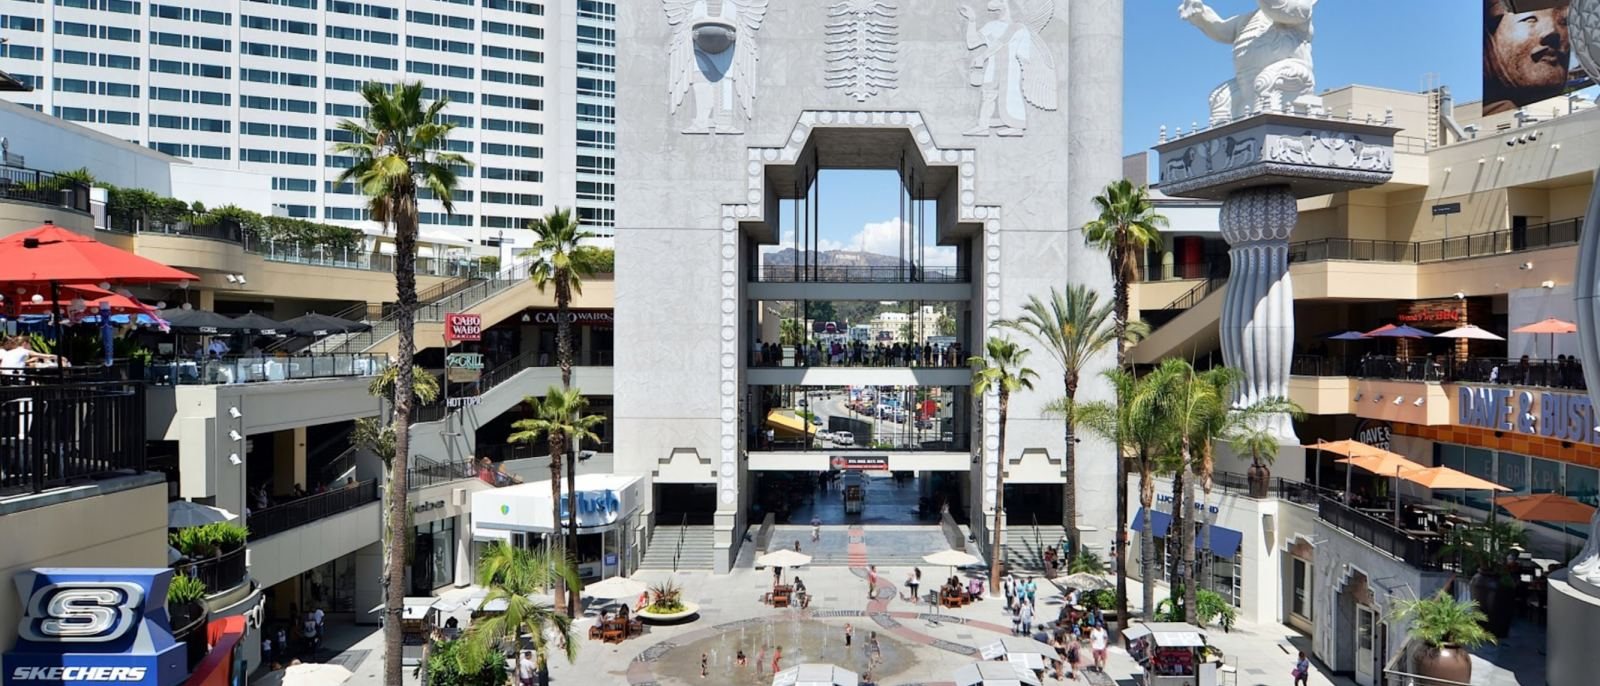 LATCB-Photo-1--Hollywood-Highland-1920x1440-